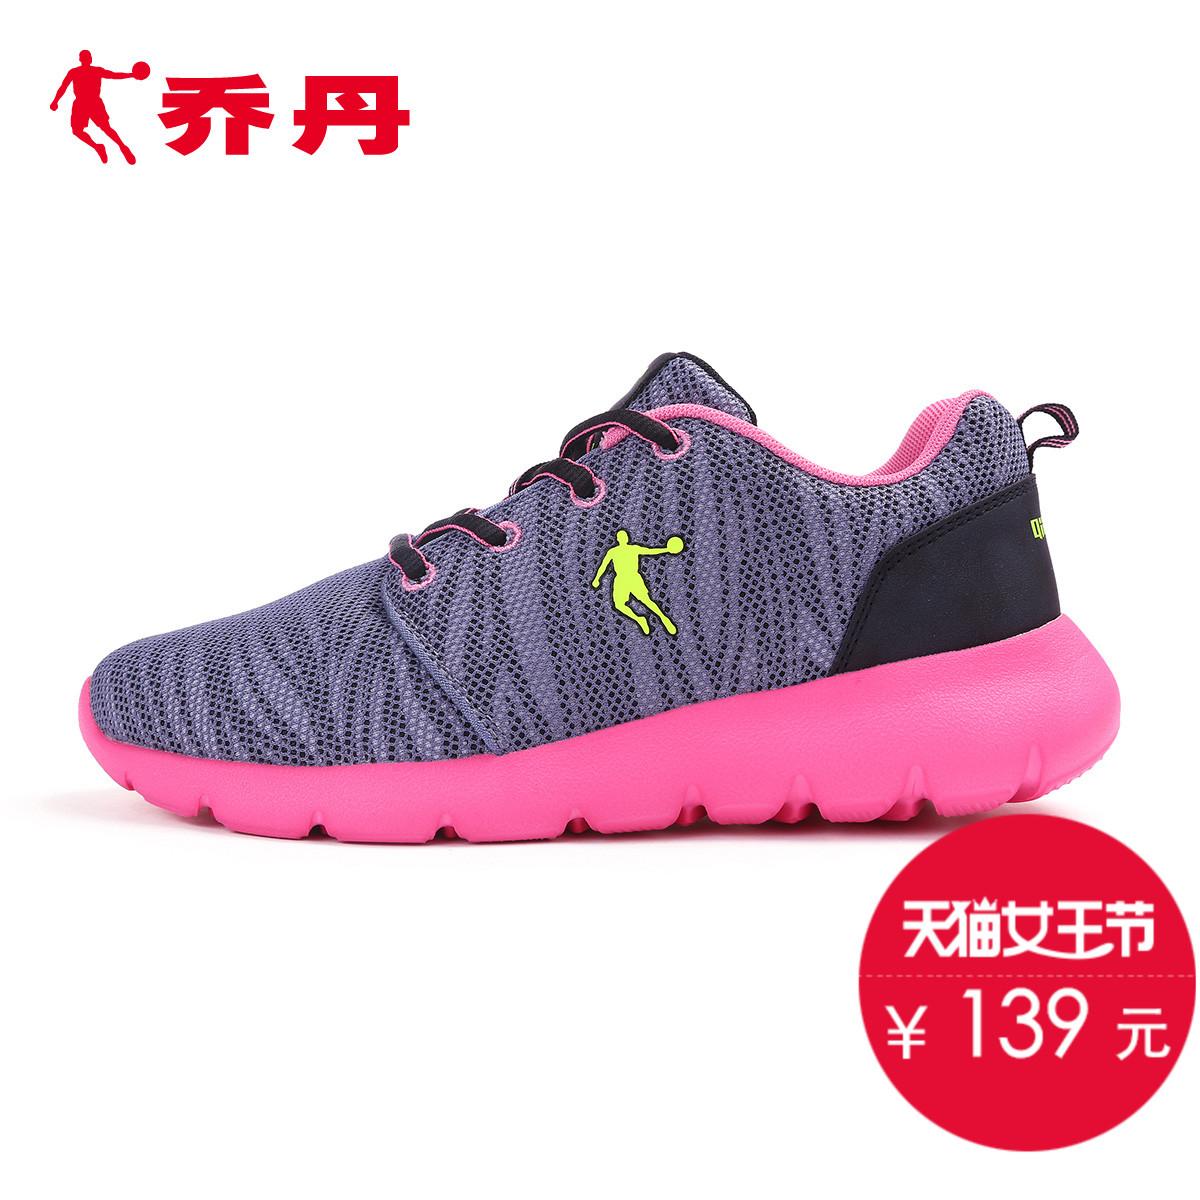 玛玛迪兰春夏透气网面女鞋2016新款运动韩版平底休闲旅游慢跑鞋